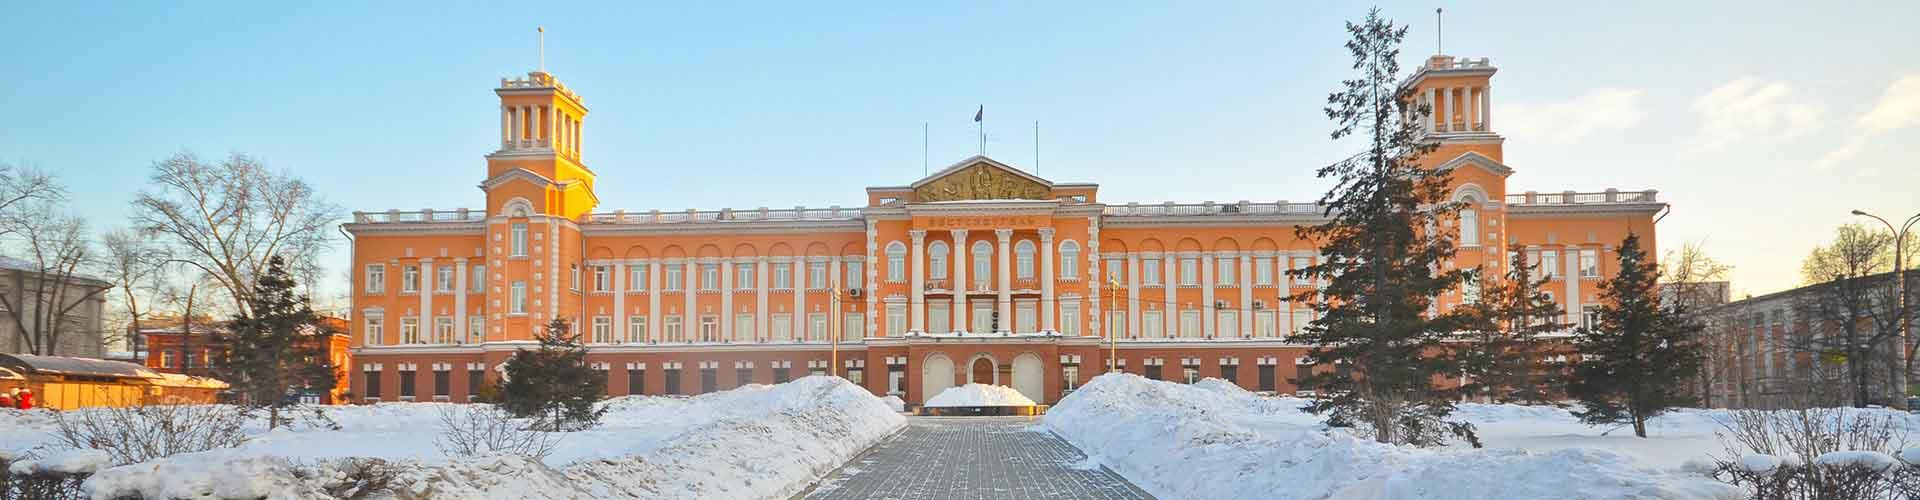 이르쿠츠크 - 이르쿠츠크에 있는 호스텔. 이르쿠츠크의 지도, 이르쿠츠크에 위치한 호스텔 사진 및 후기 정보.